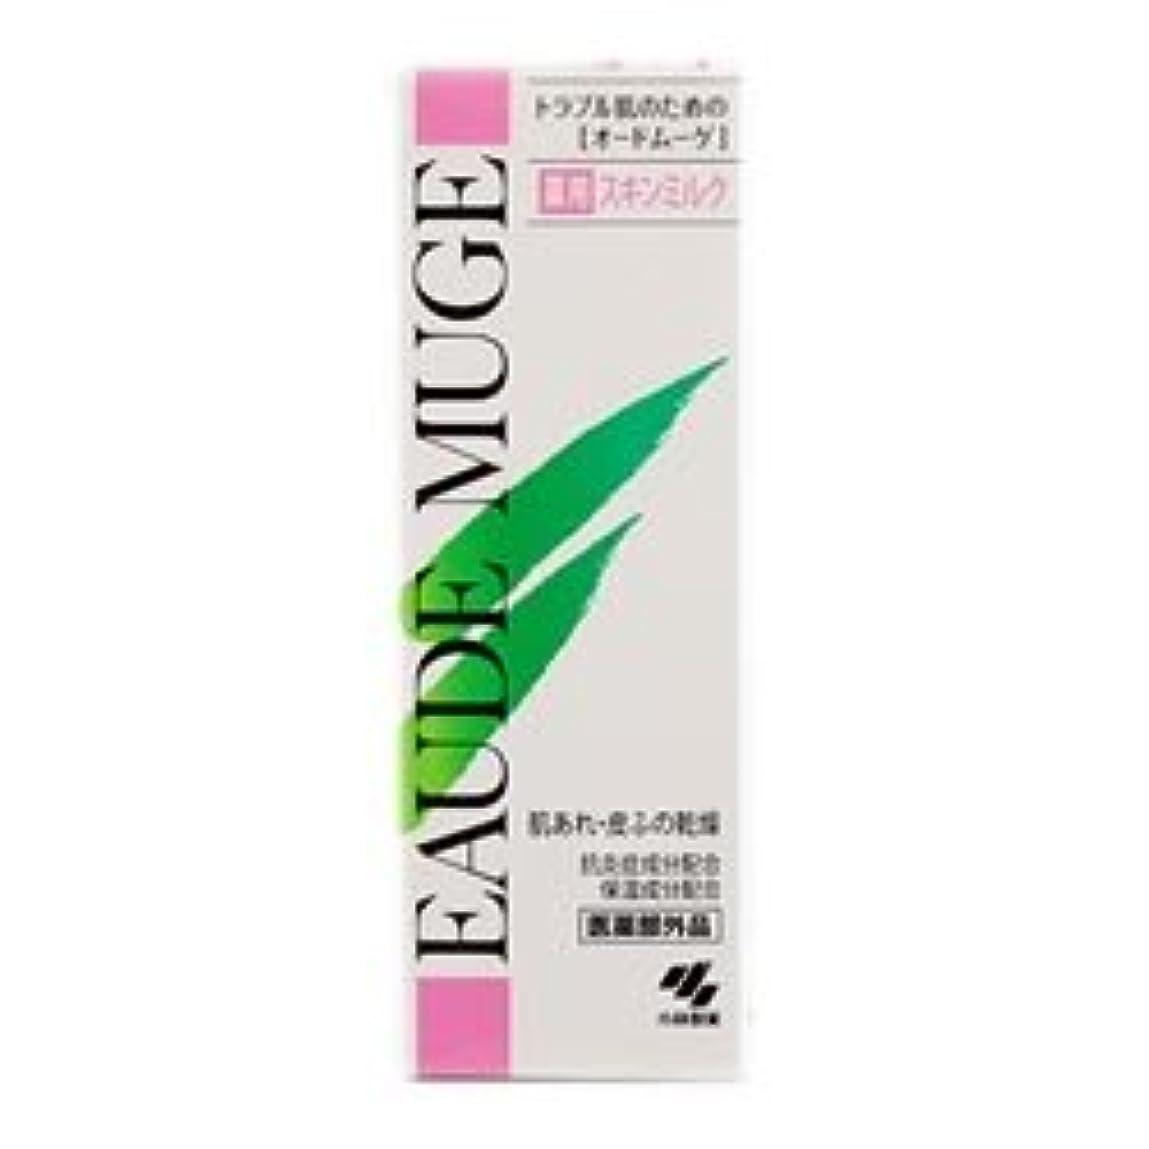 作りつづり反逆【小林製薬】オードムーゲ薬用スキンミルク 100g ×5個セット